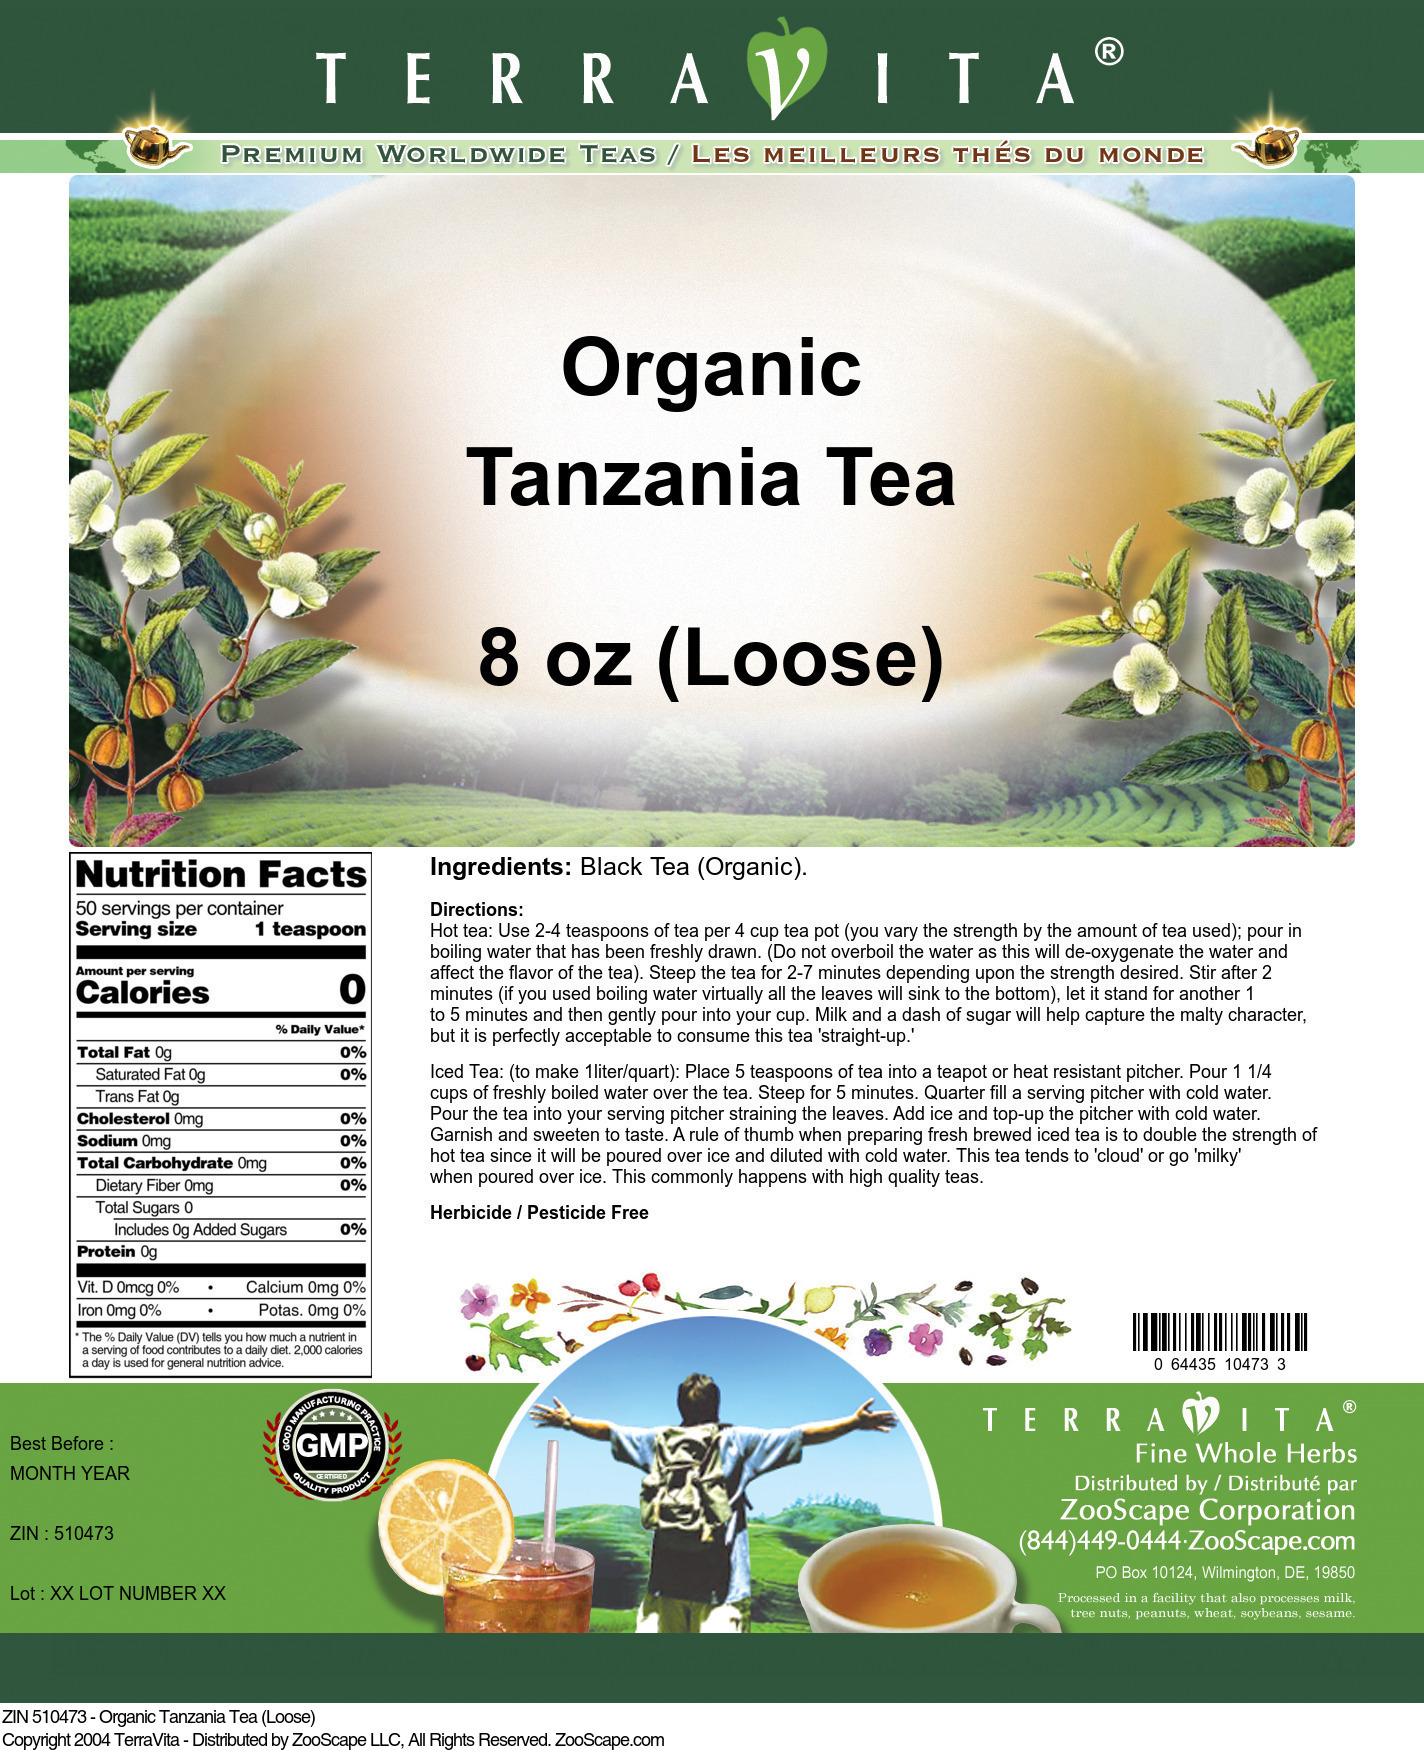 Organic Tanzania Tea (Loose)